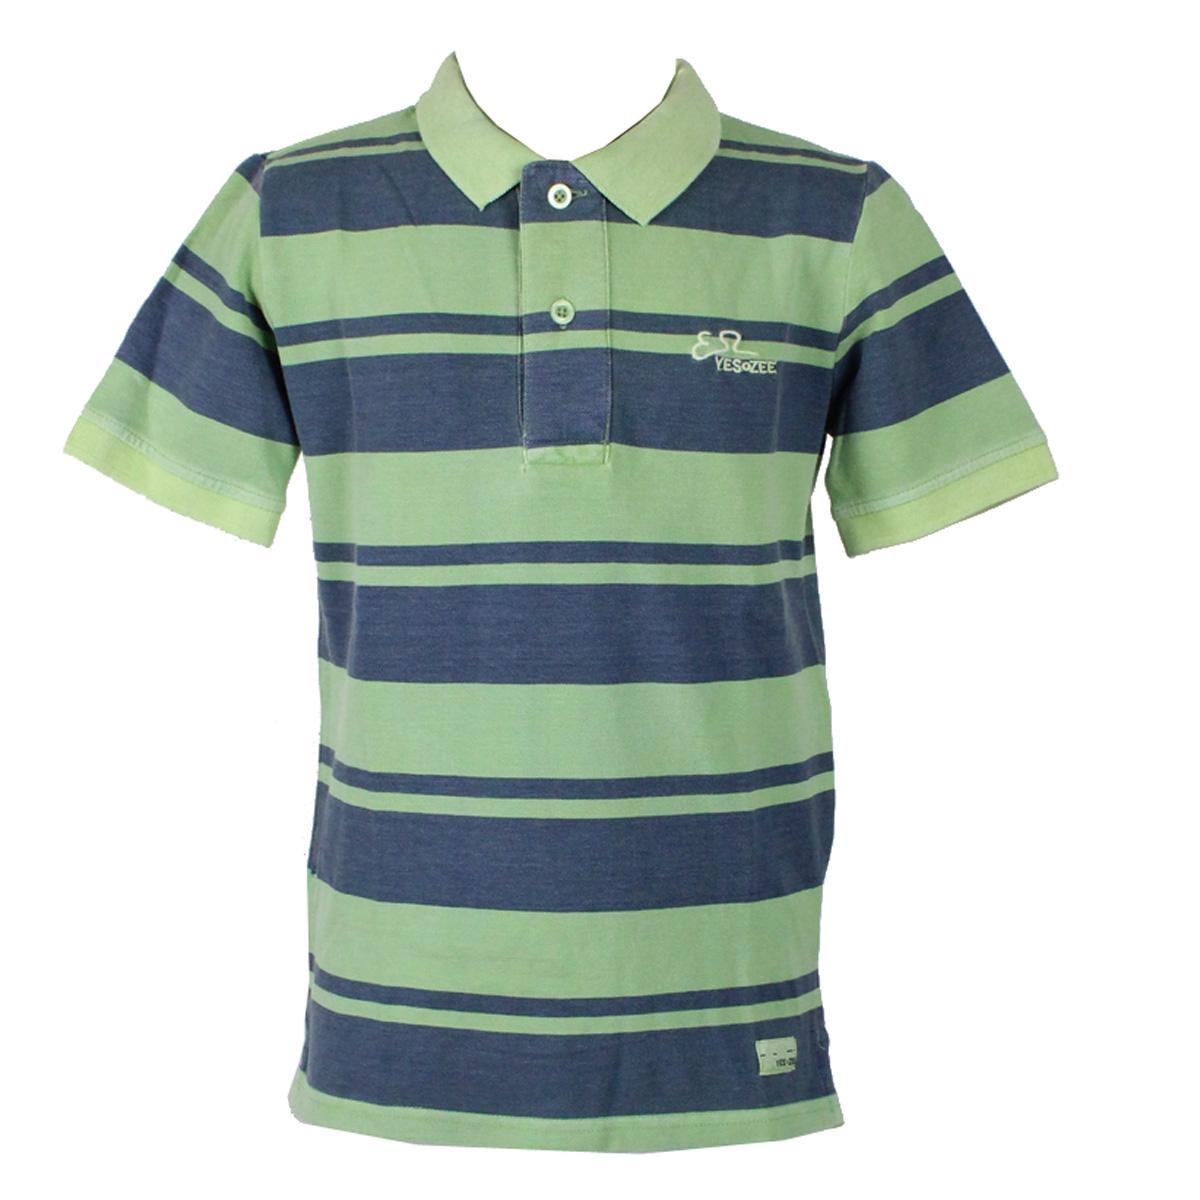 Lotto di abbigliamento Bimbo a firmato YES-ZEE abbigliamento firmato  accessori firmati emilia romagna abae29cfab1